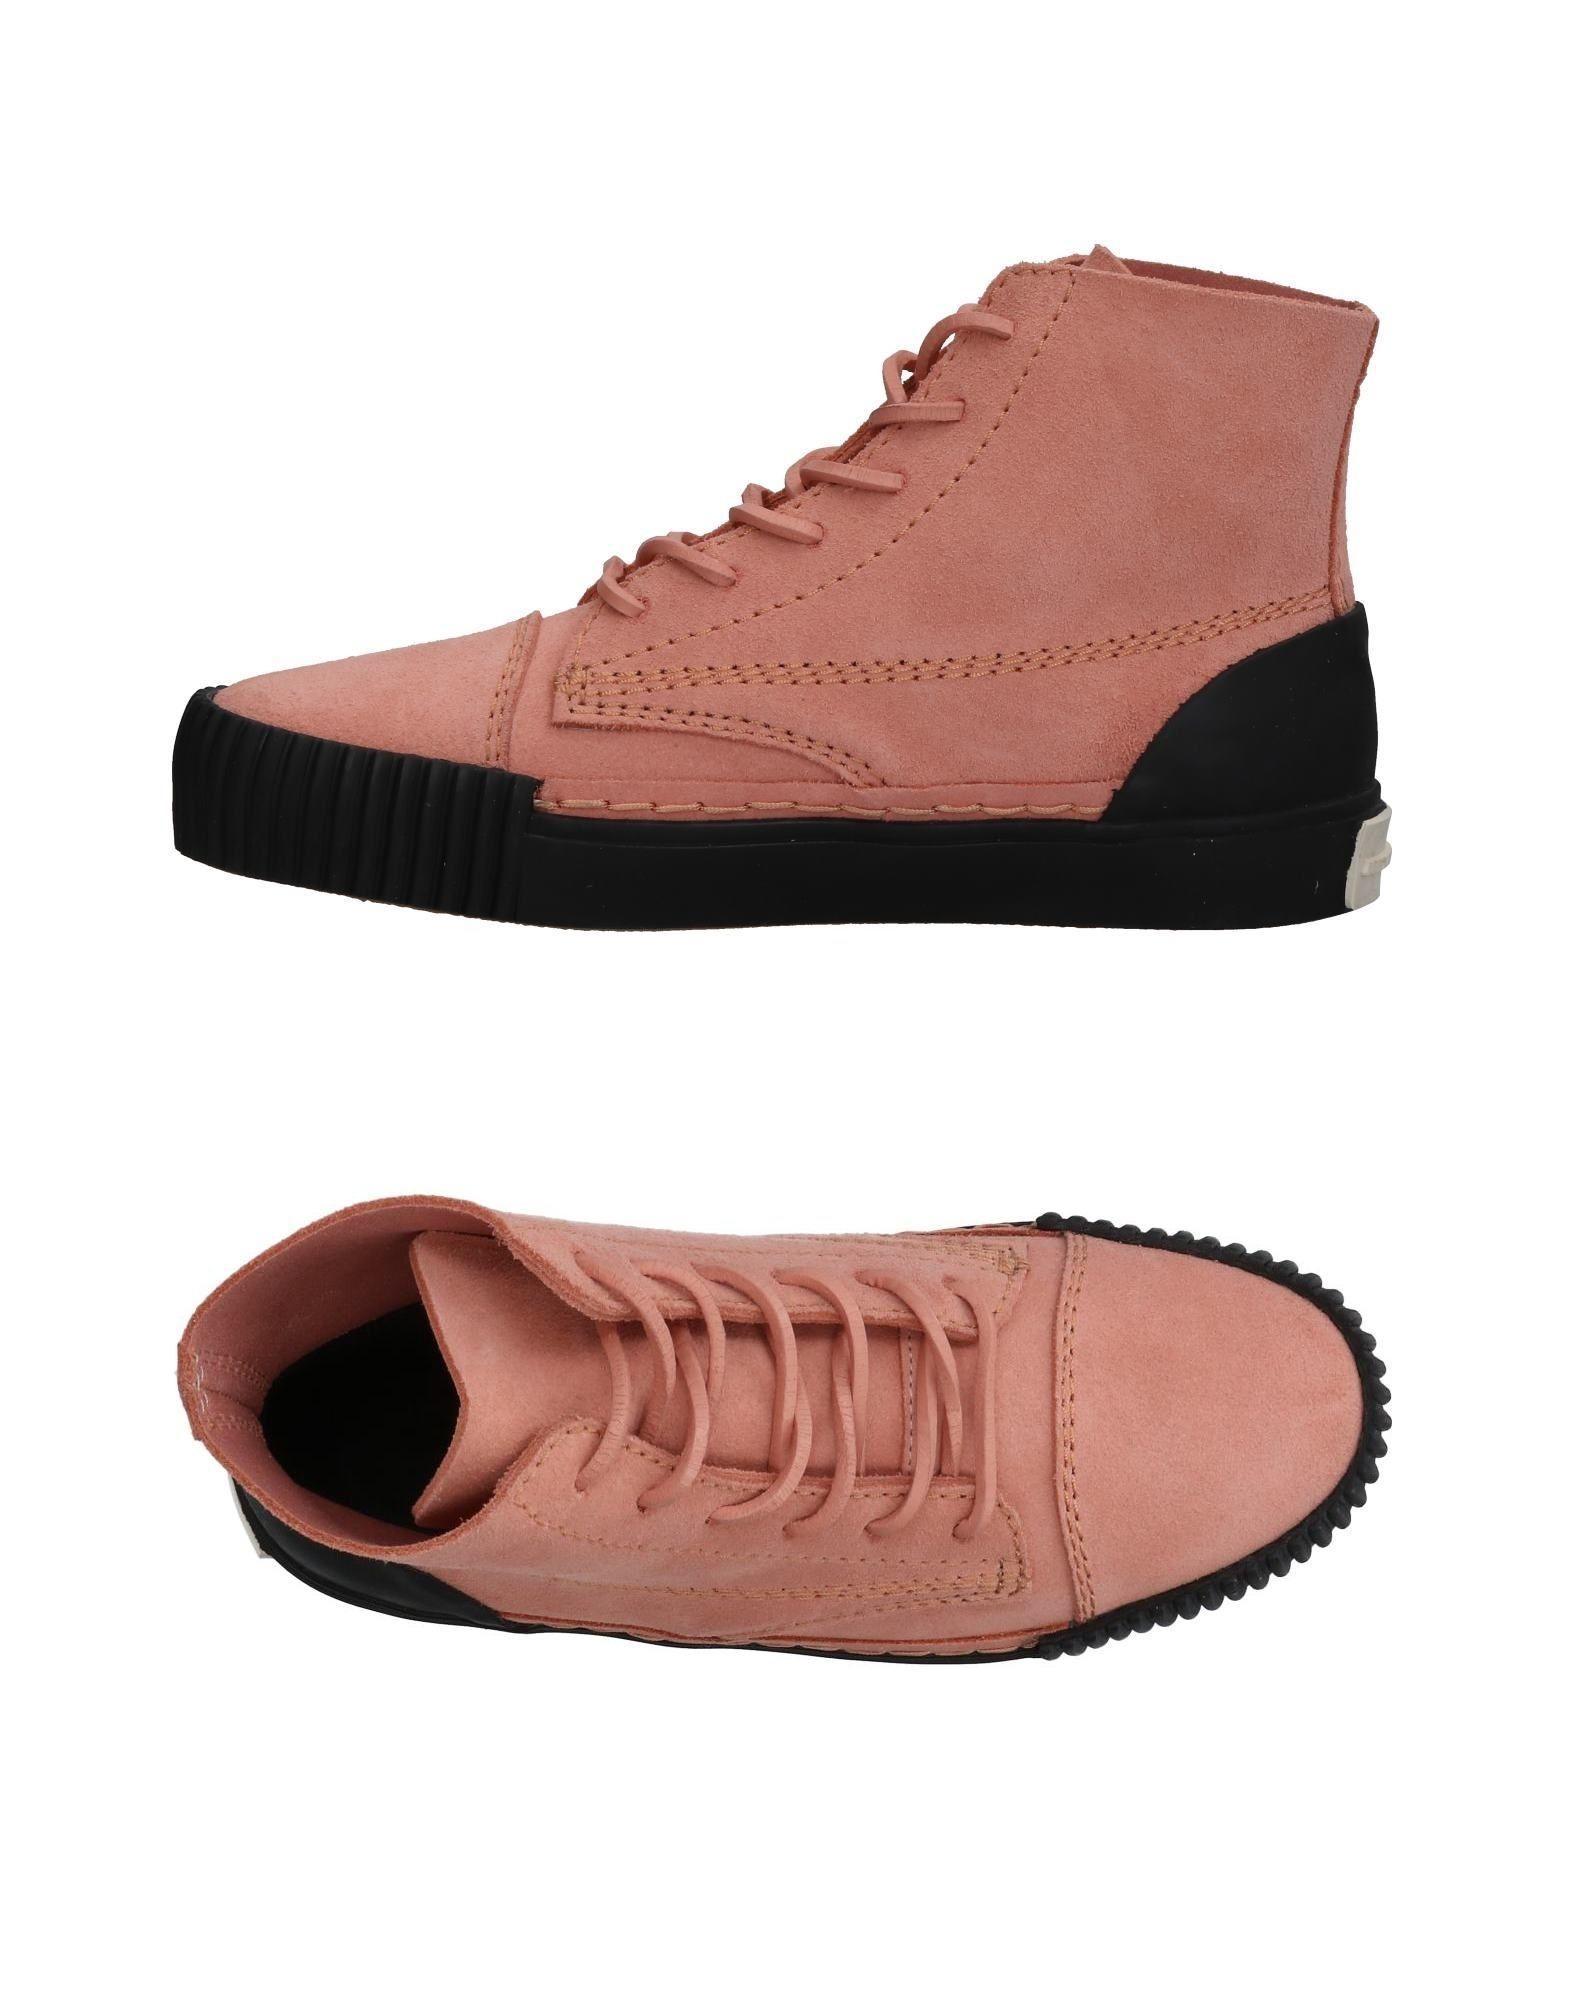 Alexander Wang Sneakers In Pink